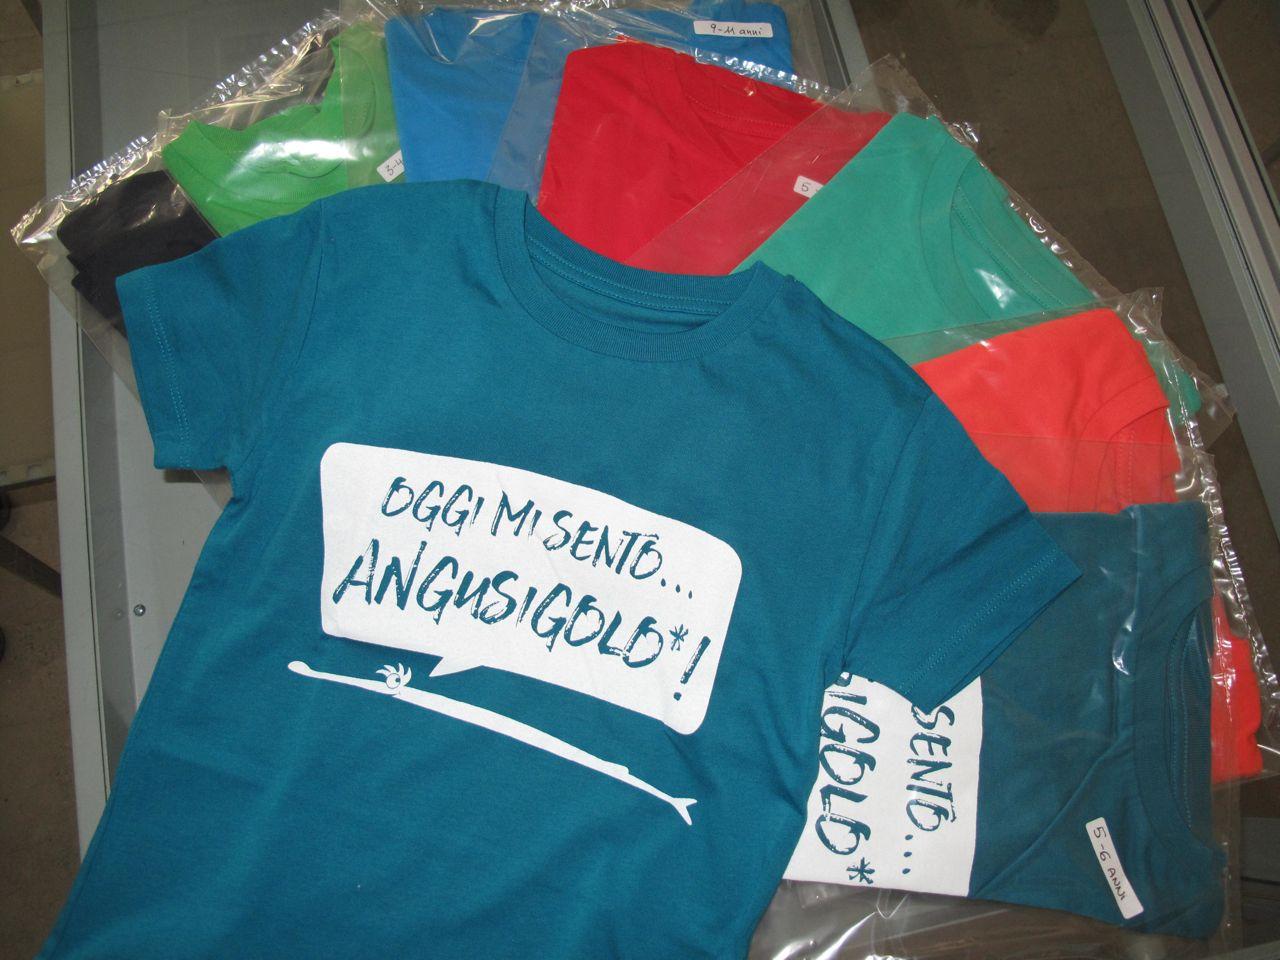 magliette angusigolo